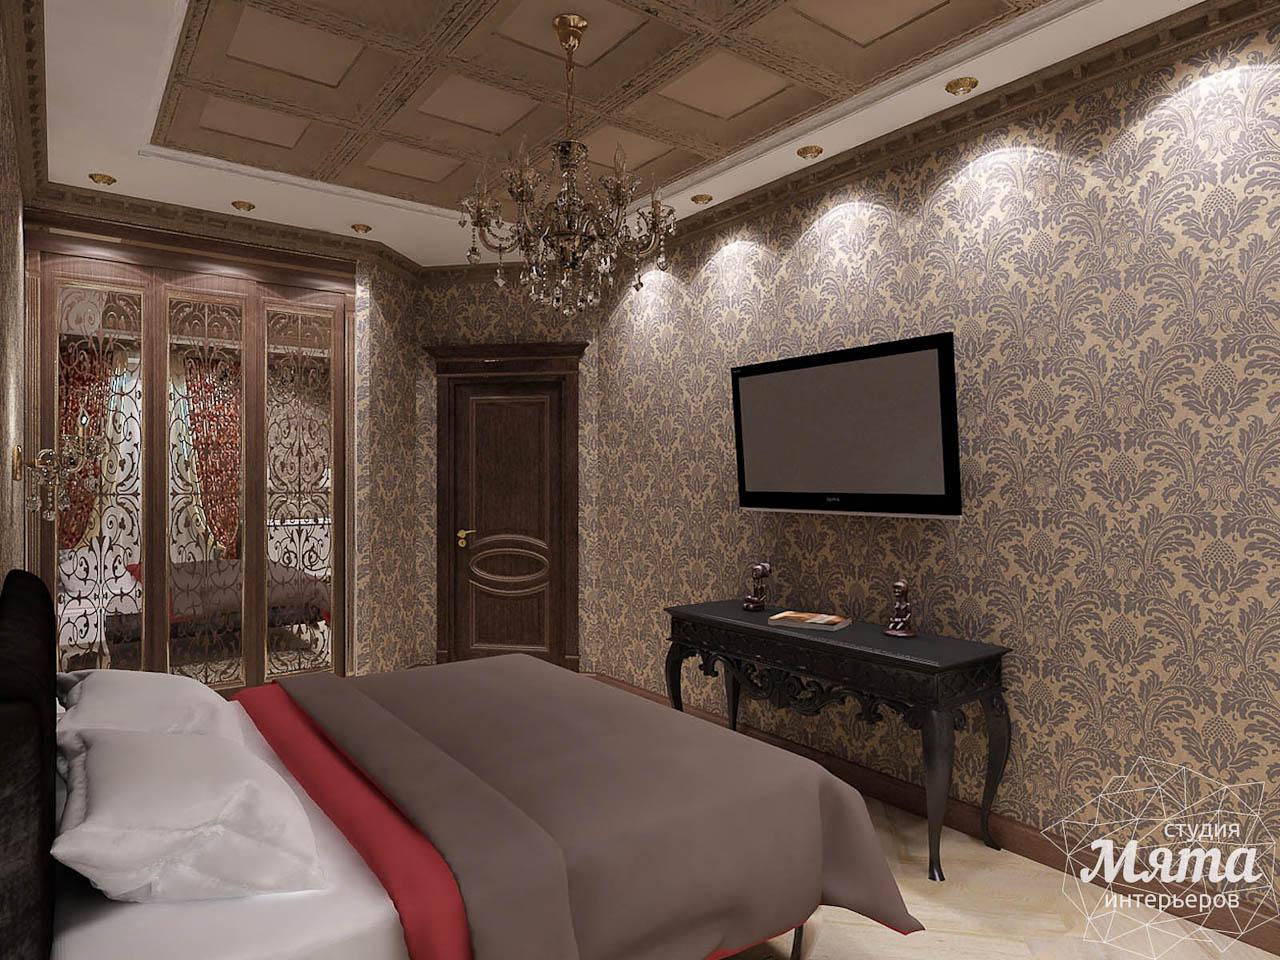 Дизайн интерьера двухкомнатной квартиры по ул. Мельникова 38 img1109428701